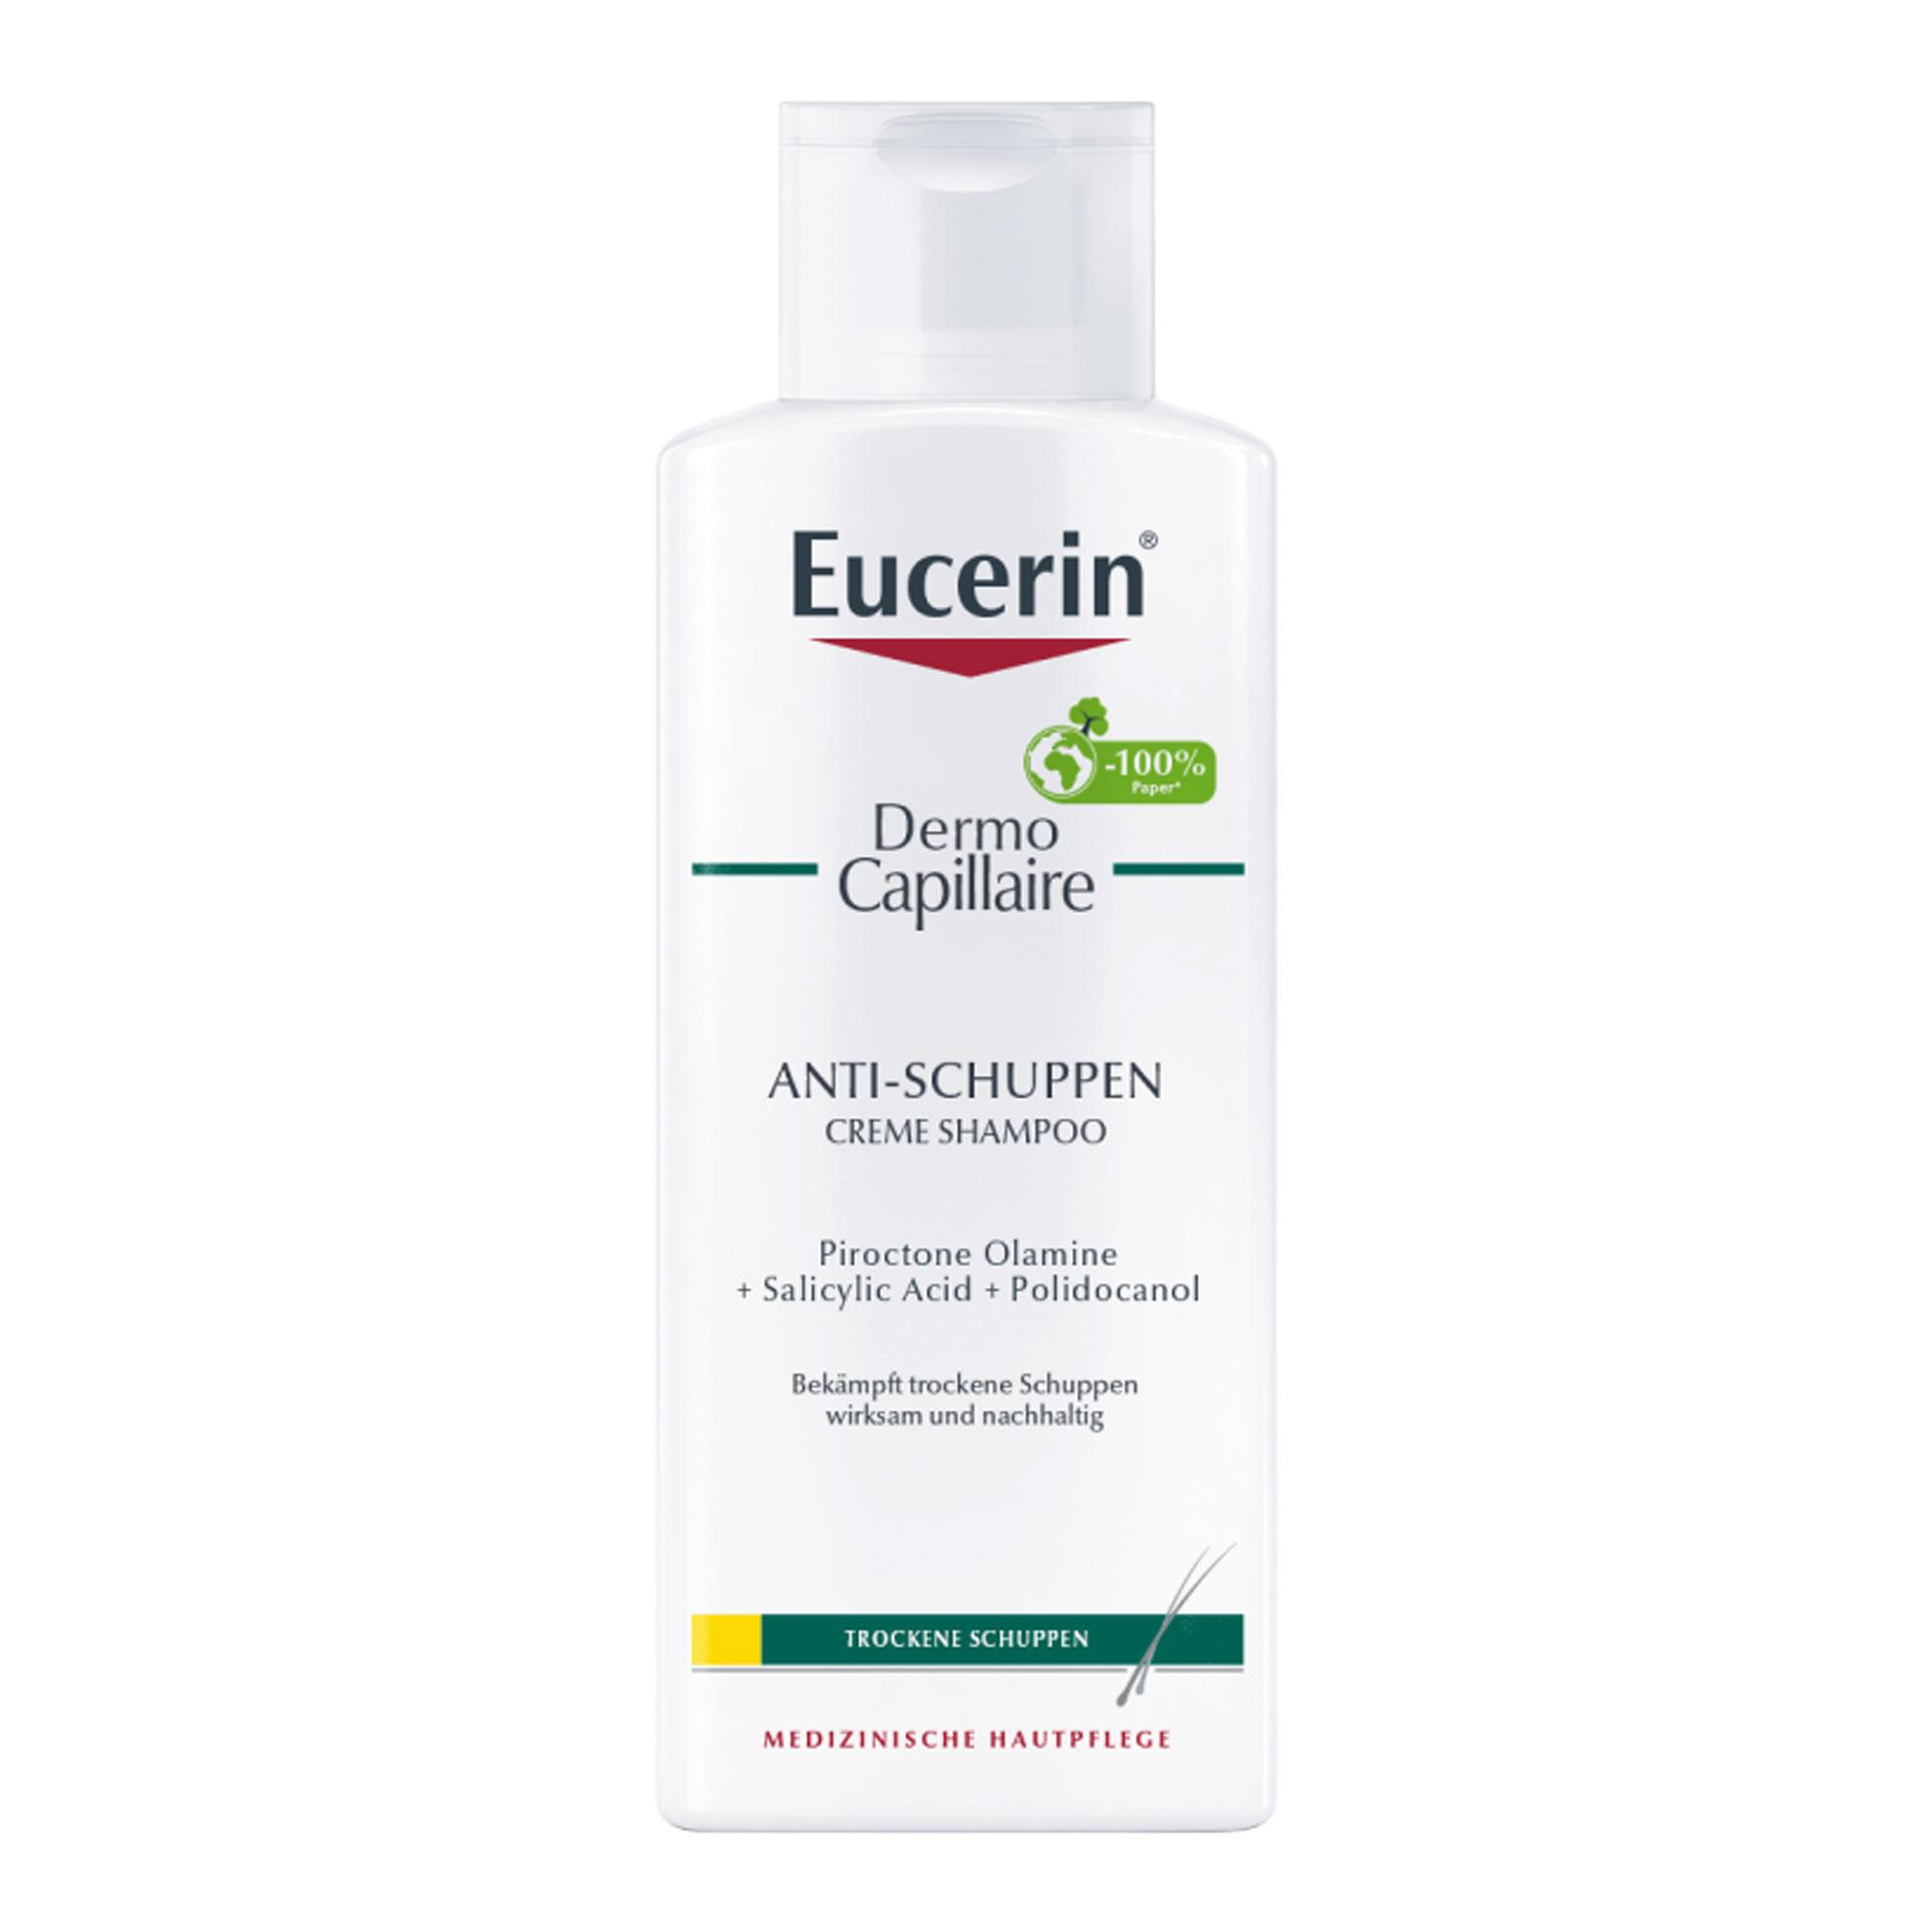 Eucerin DermoCapillaire Anti-Schuppen Creme Shampoo